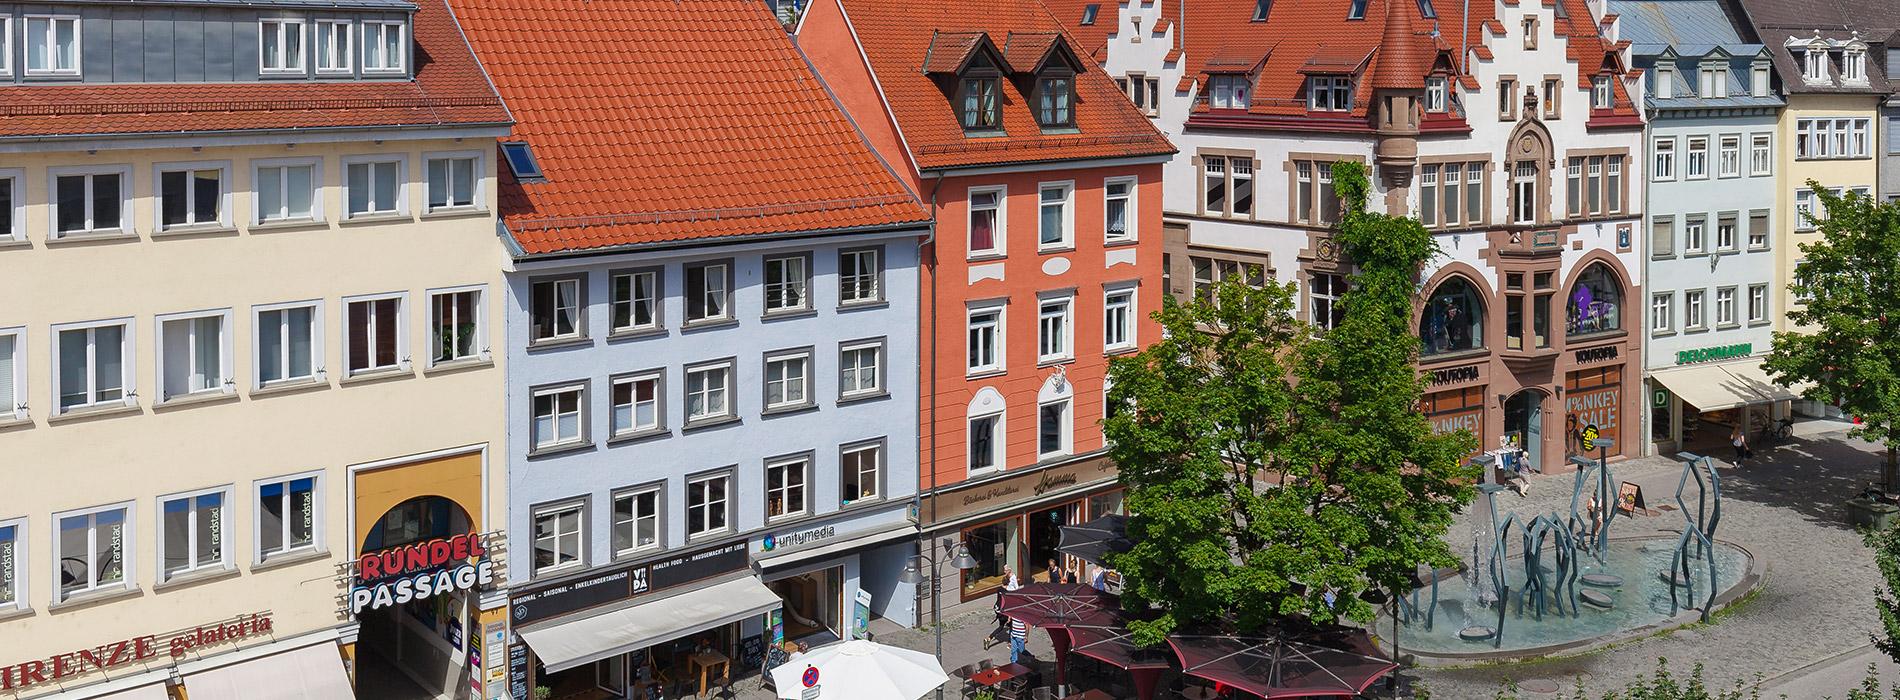 Blick auf den Marienplatz